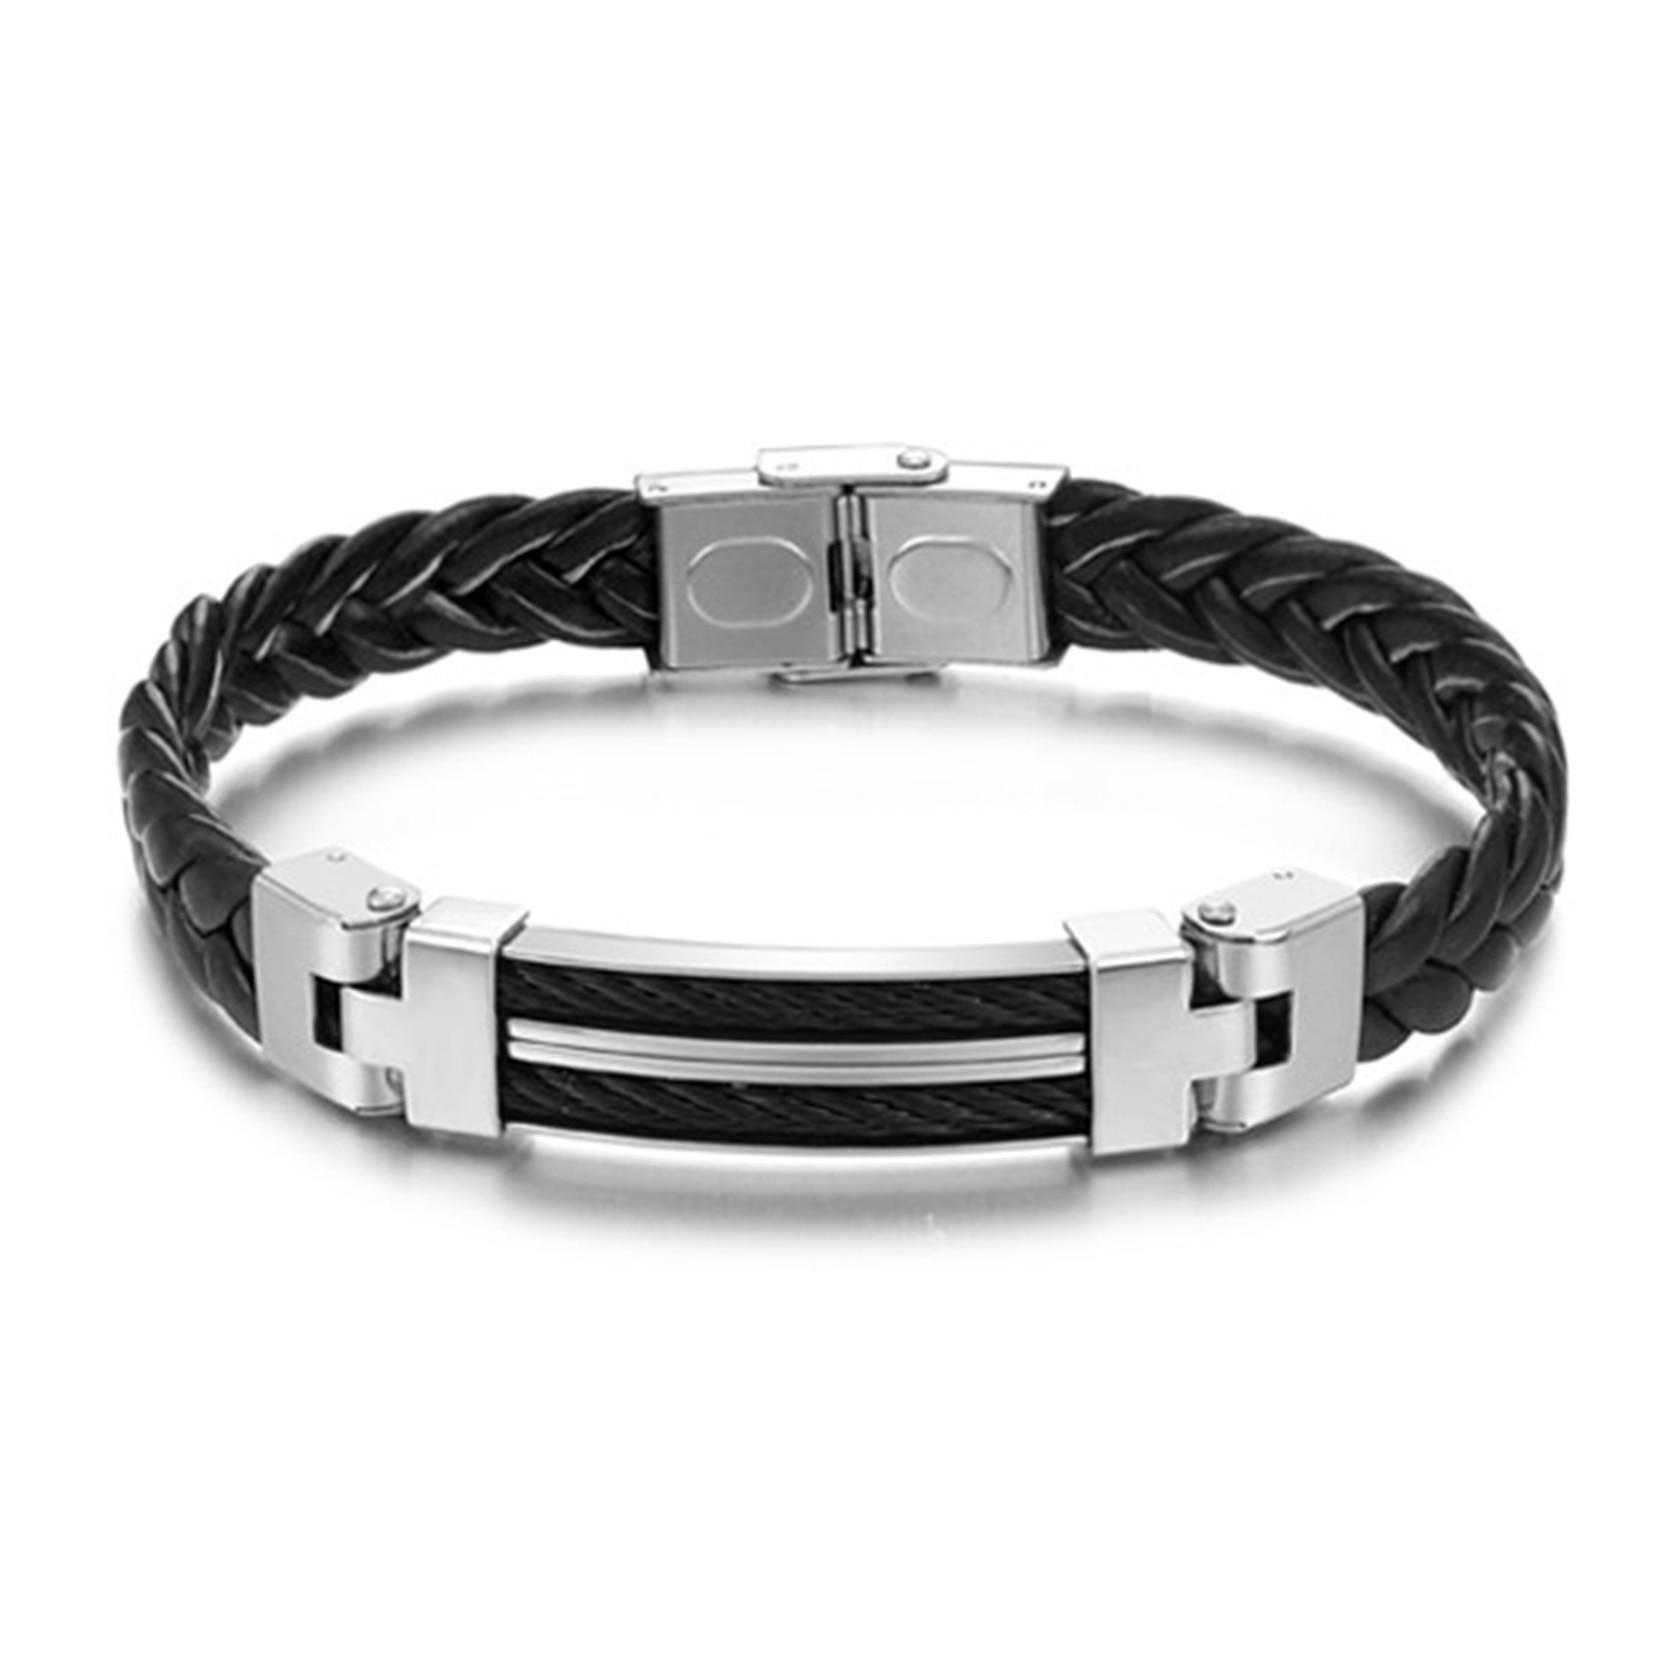 ᗑ】Titanio Cadena de acero inoxidable pulsera negro trenza la ...